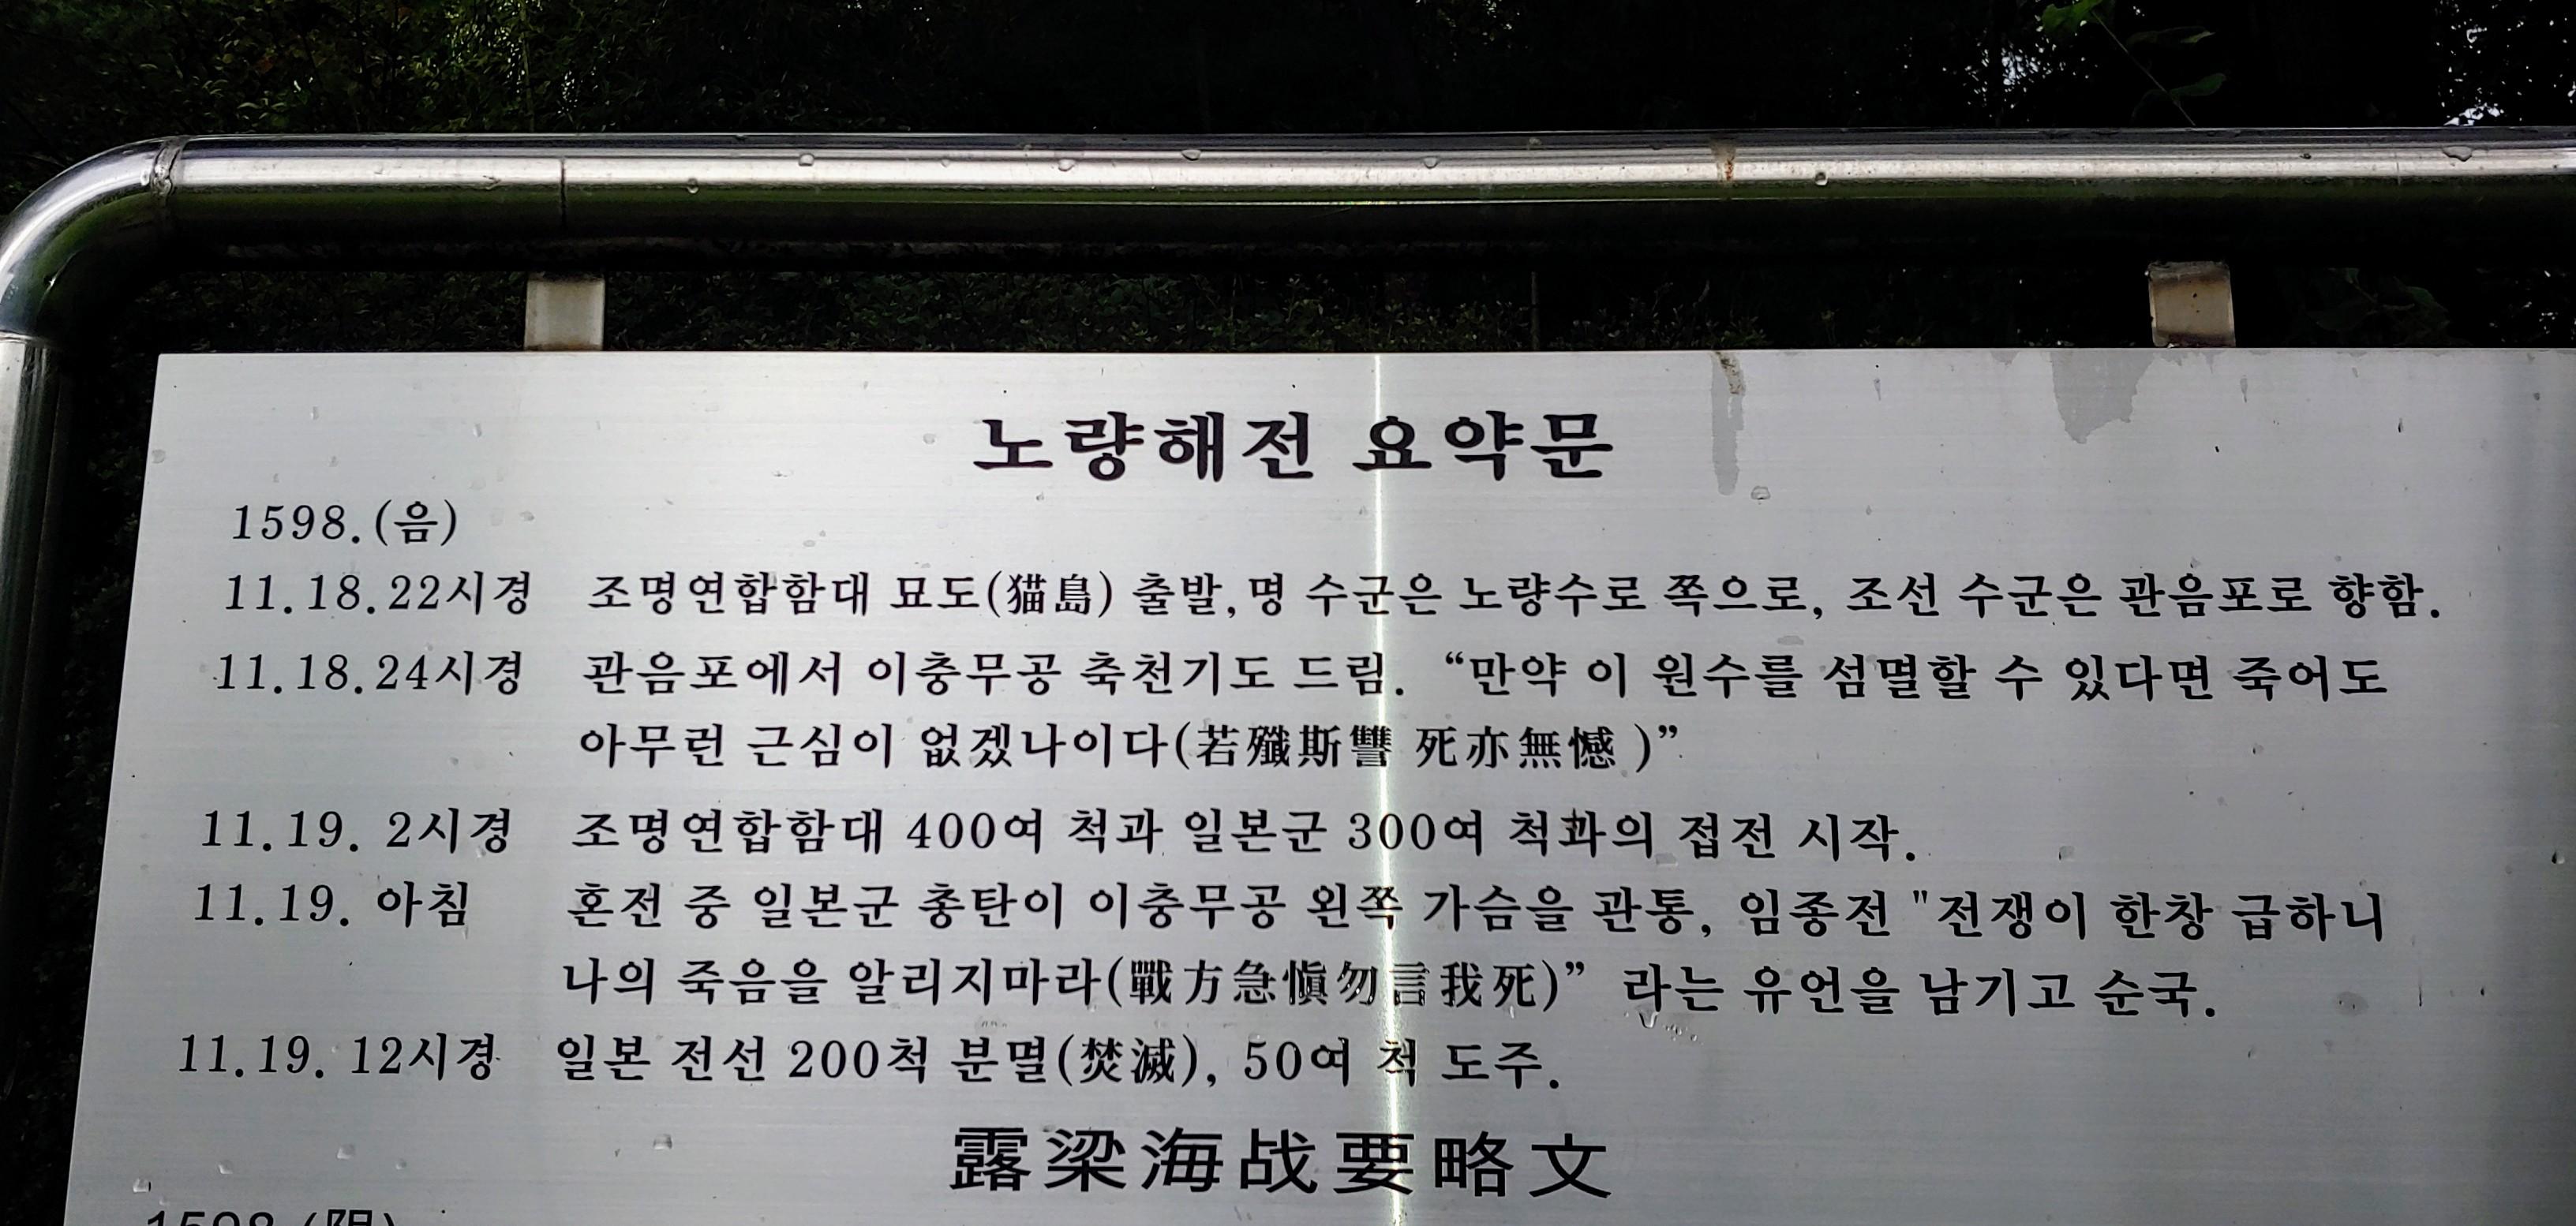 이순신기념관 (9).jpg